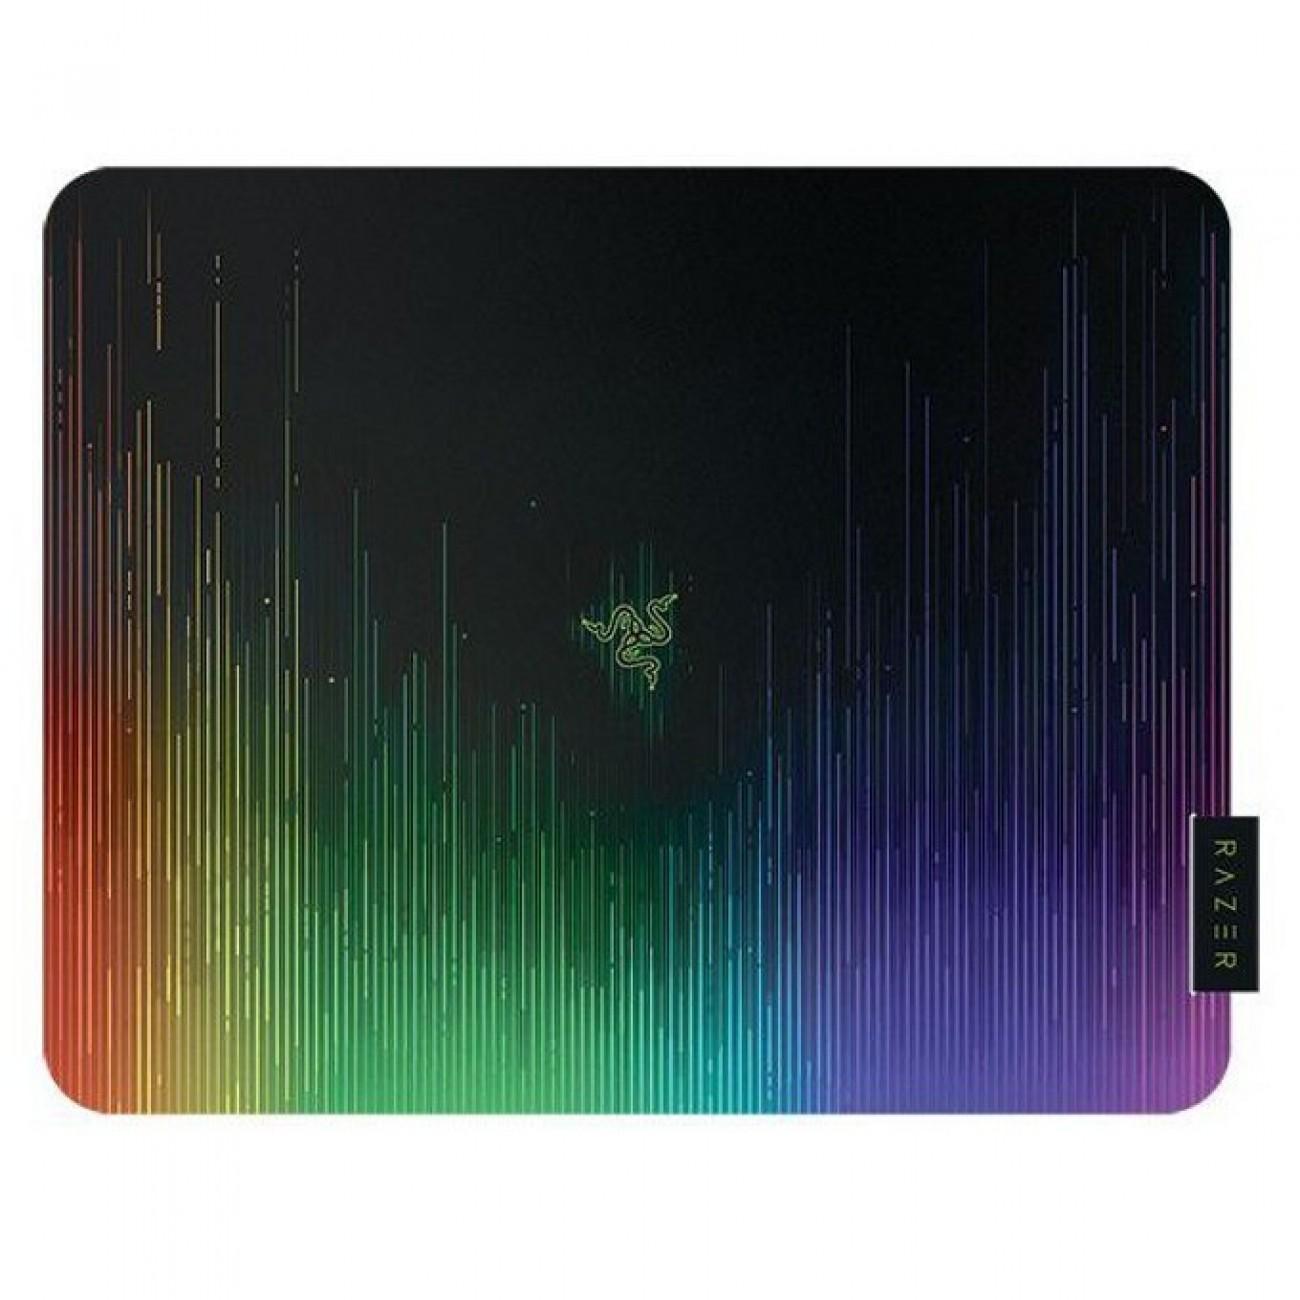 Подложка за мишка Razer Sphex Mini V2, гейминг, разноцветна, 270 х 215 x 0.5 мм в Подложки за мишки -  | Alleop